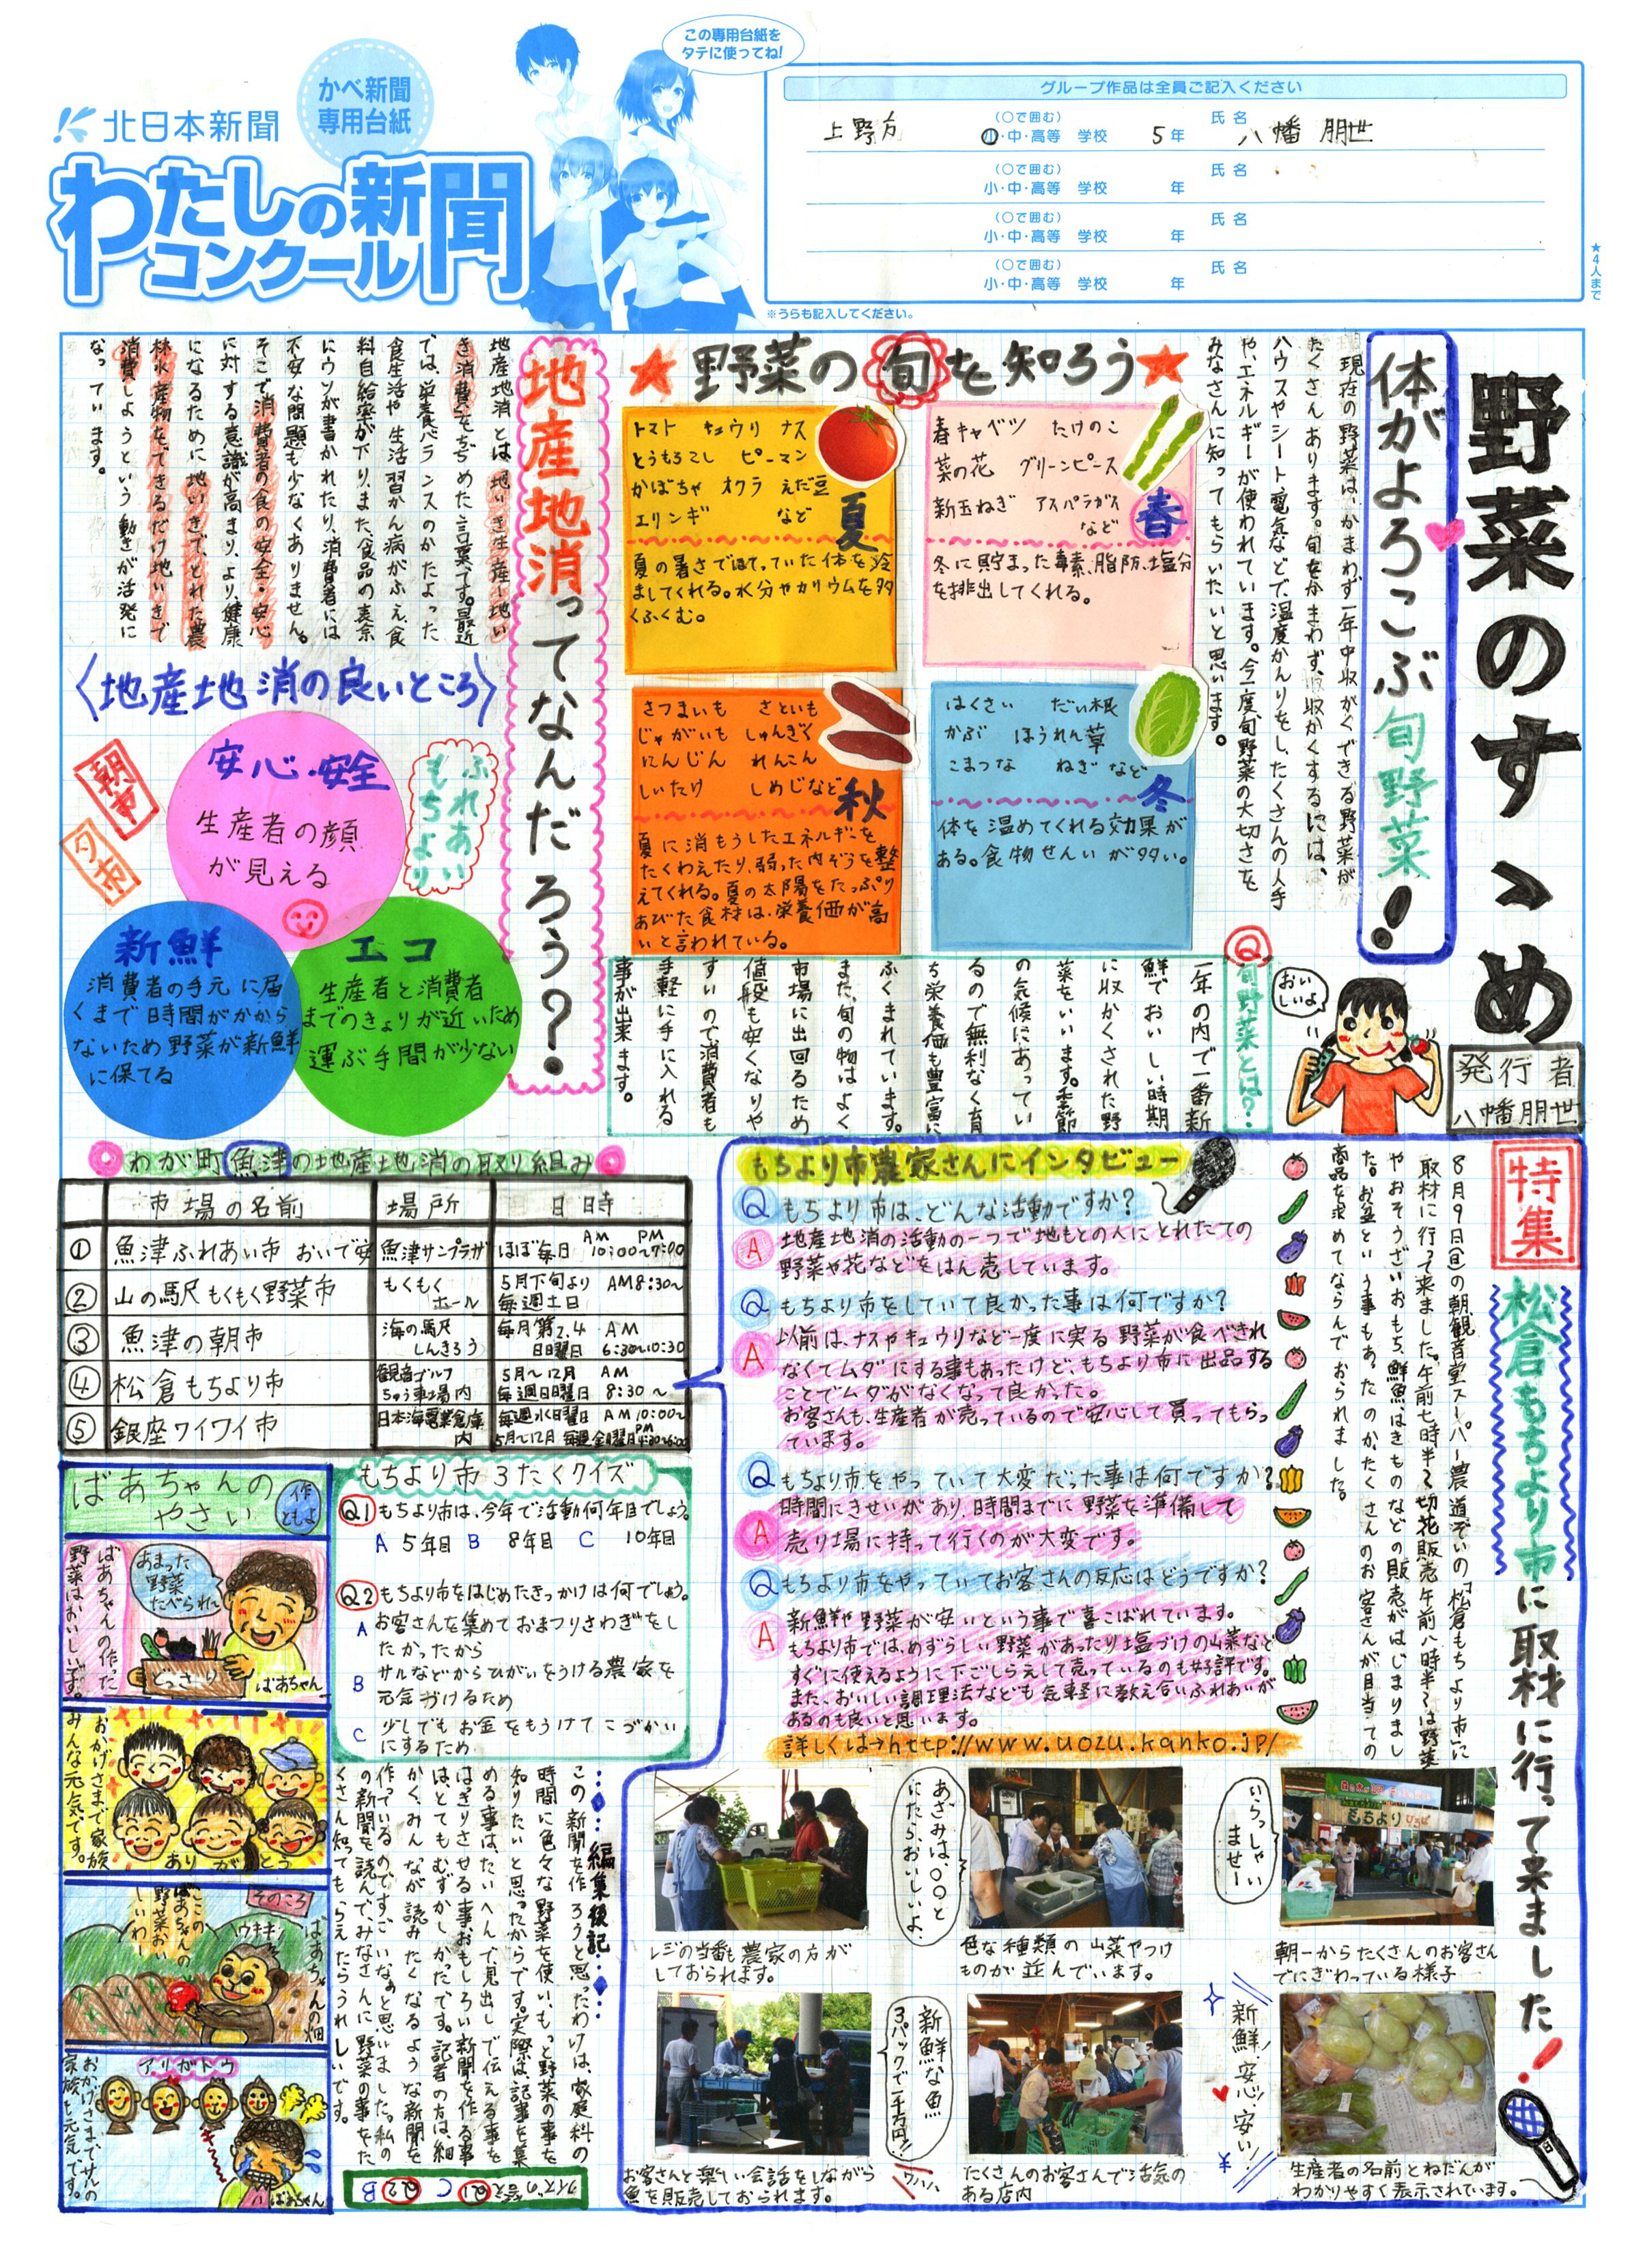 中学生です夏休みの宿題で職業調べの新聞を書きま …